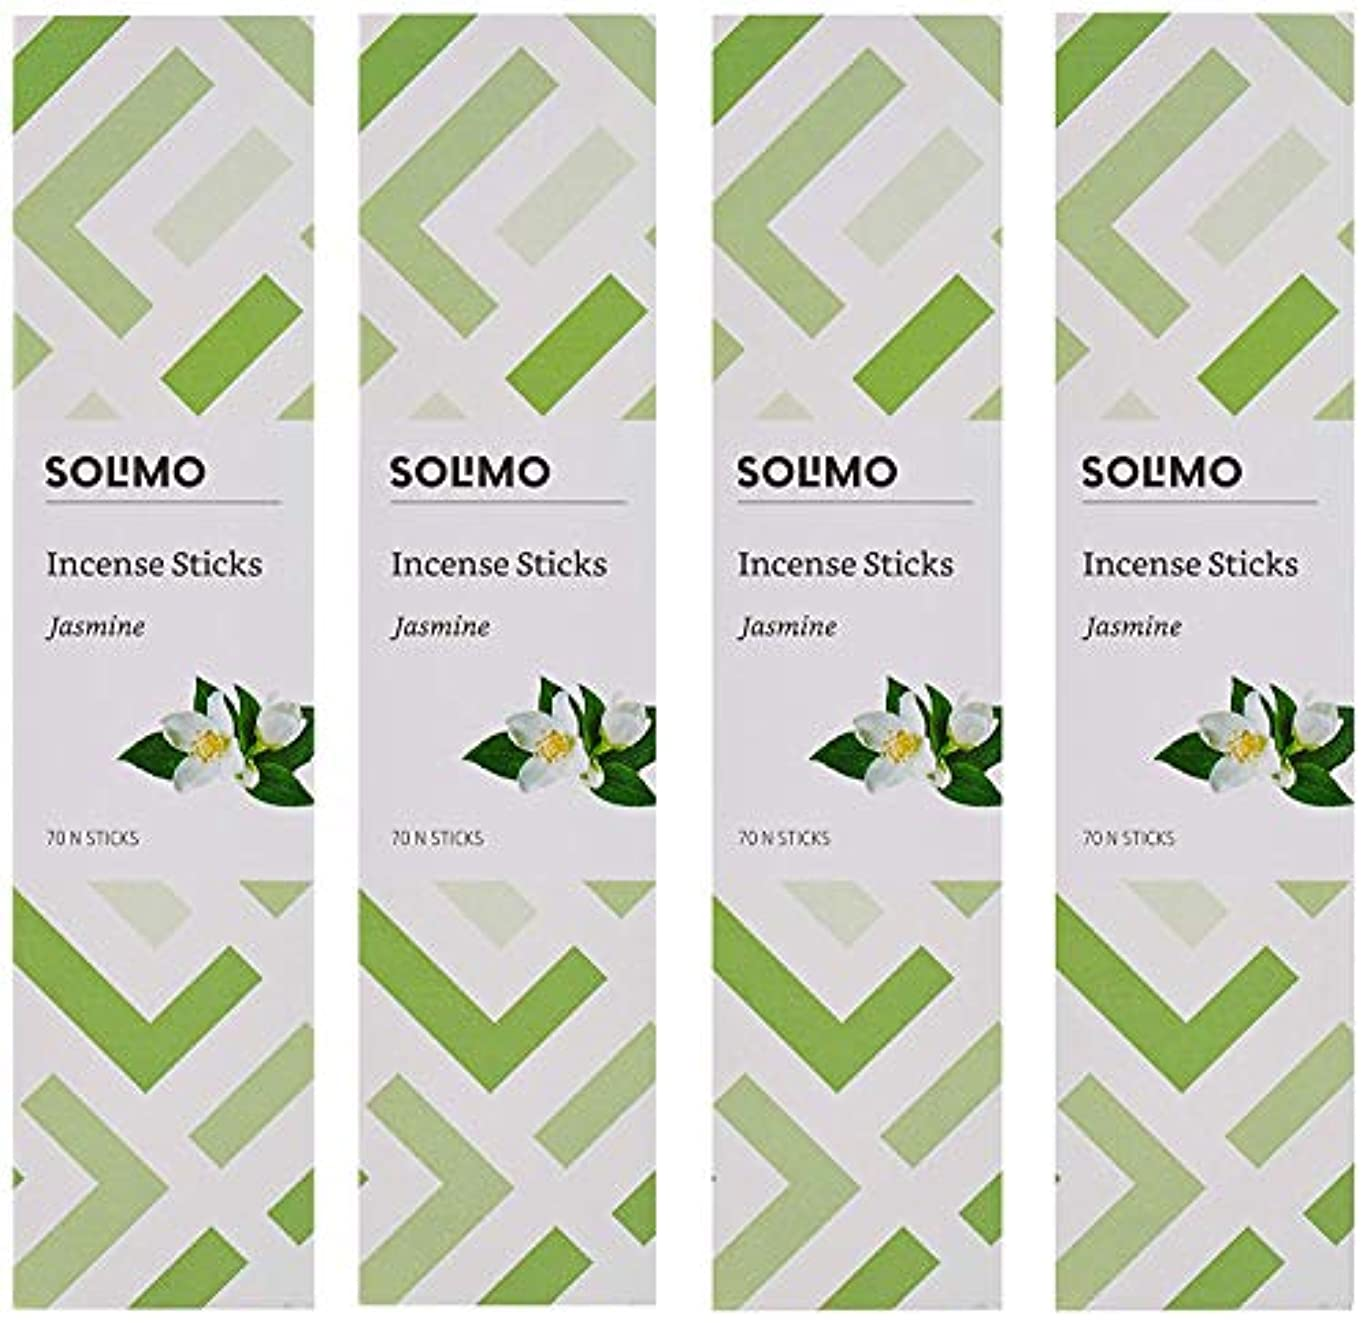 セールスマン例示する説得Amazon Brand - Solimo Incense Sticks, Jasmine - 70 sticks/pack (Pack of 4)